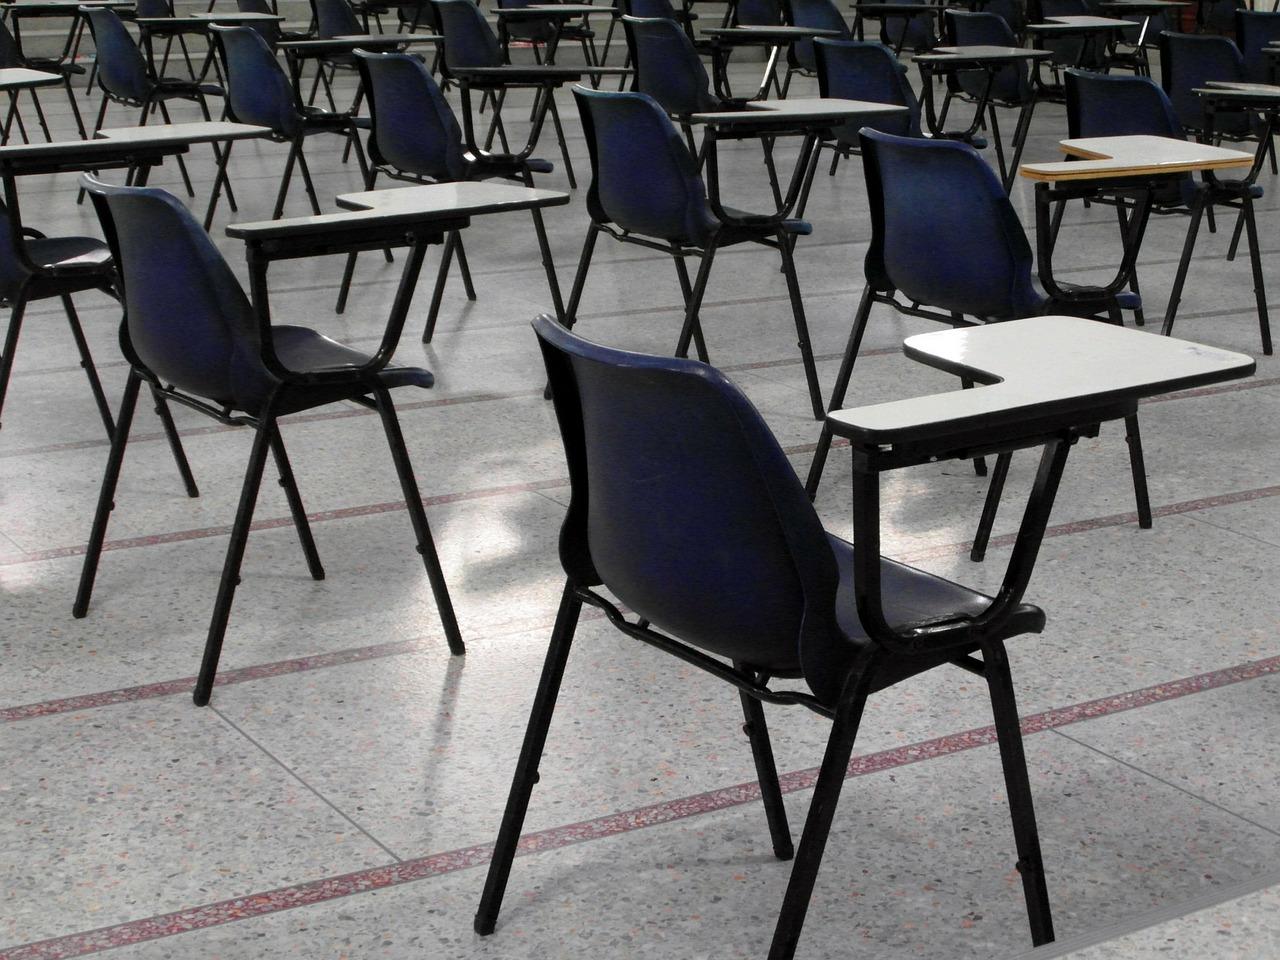 Terminy matur i egzaminów ósmoklasistów najprawdopodobniej niezmienione